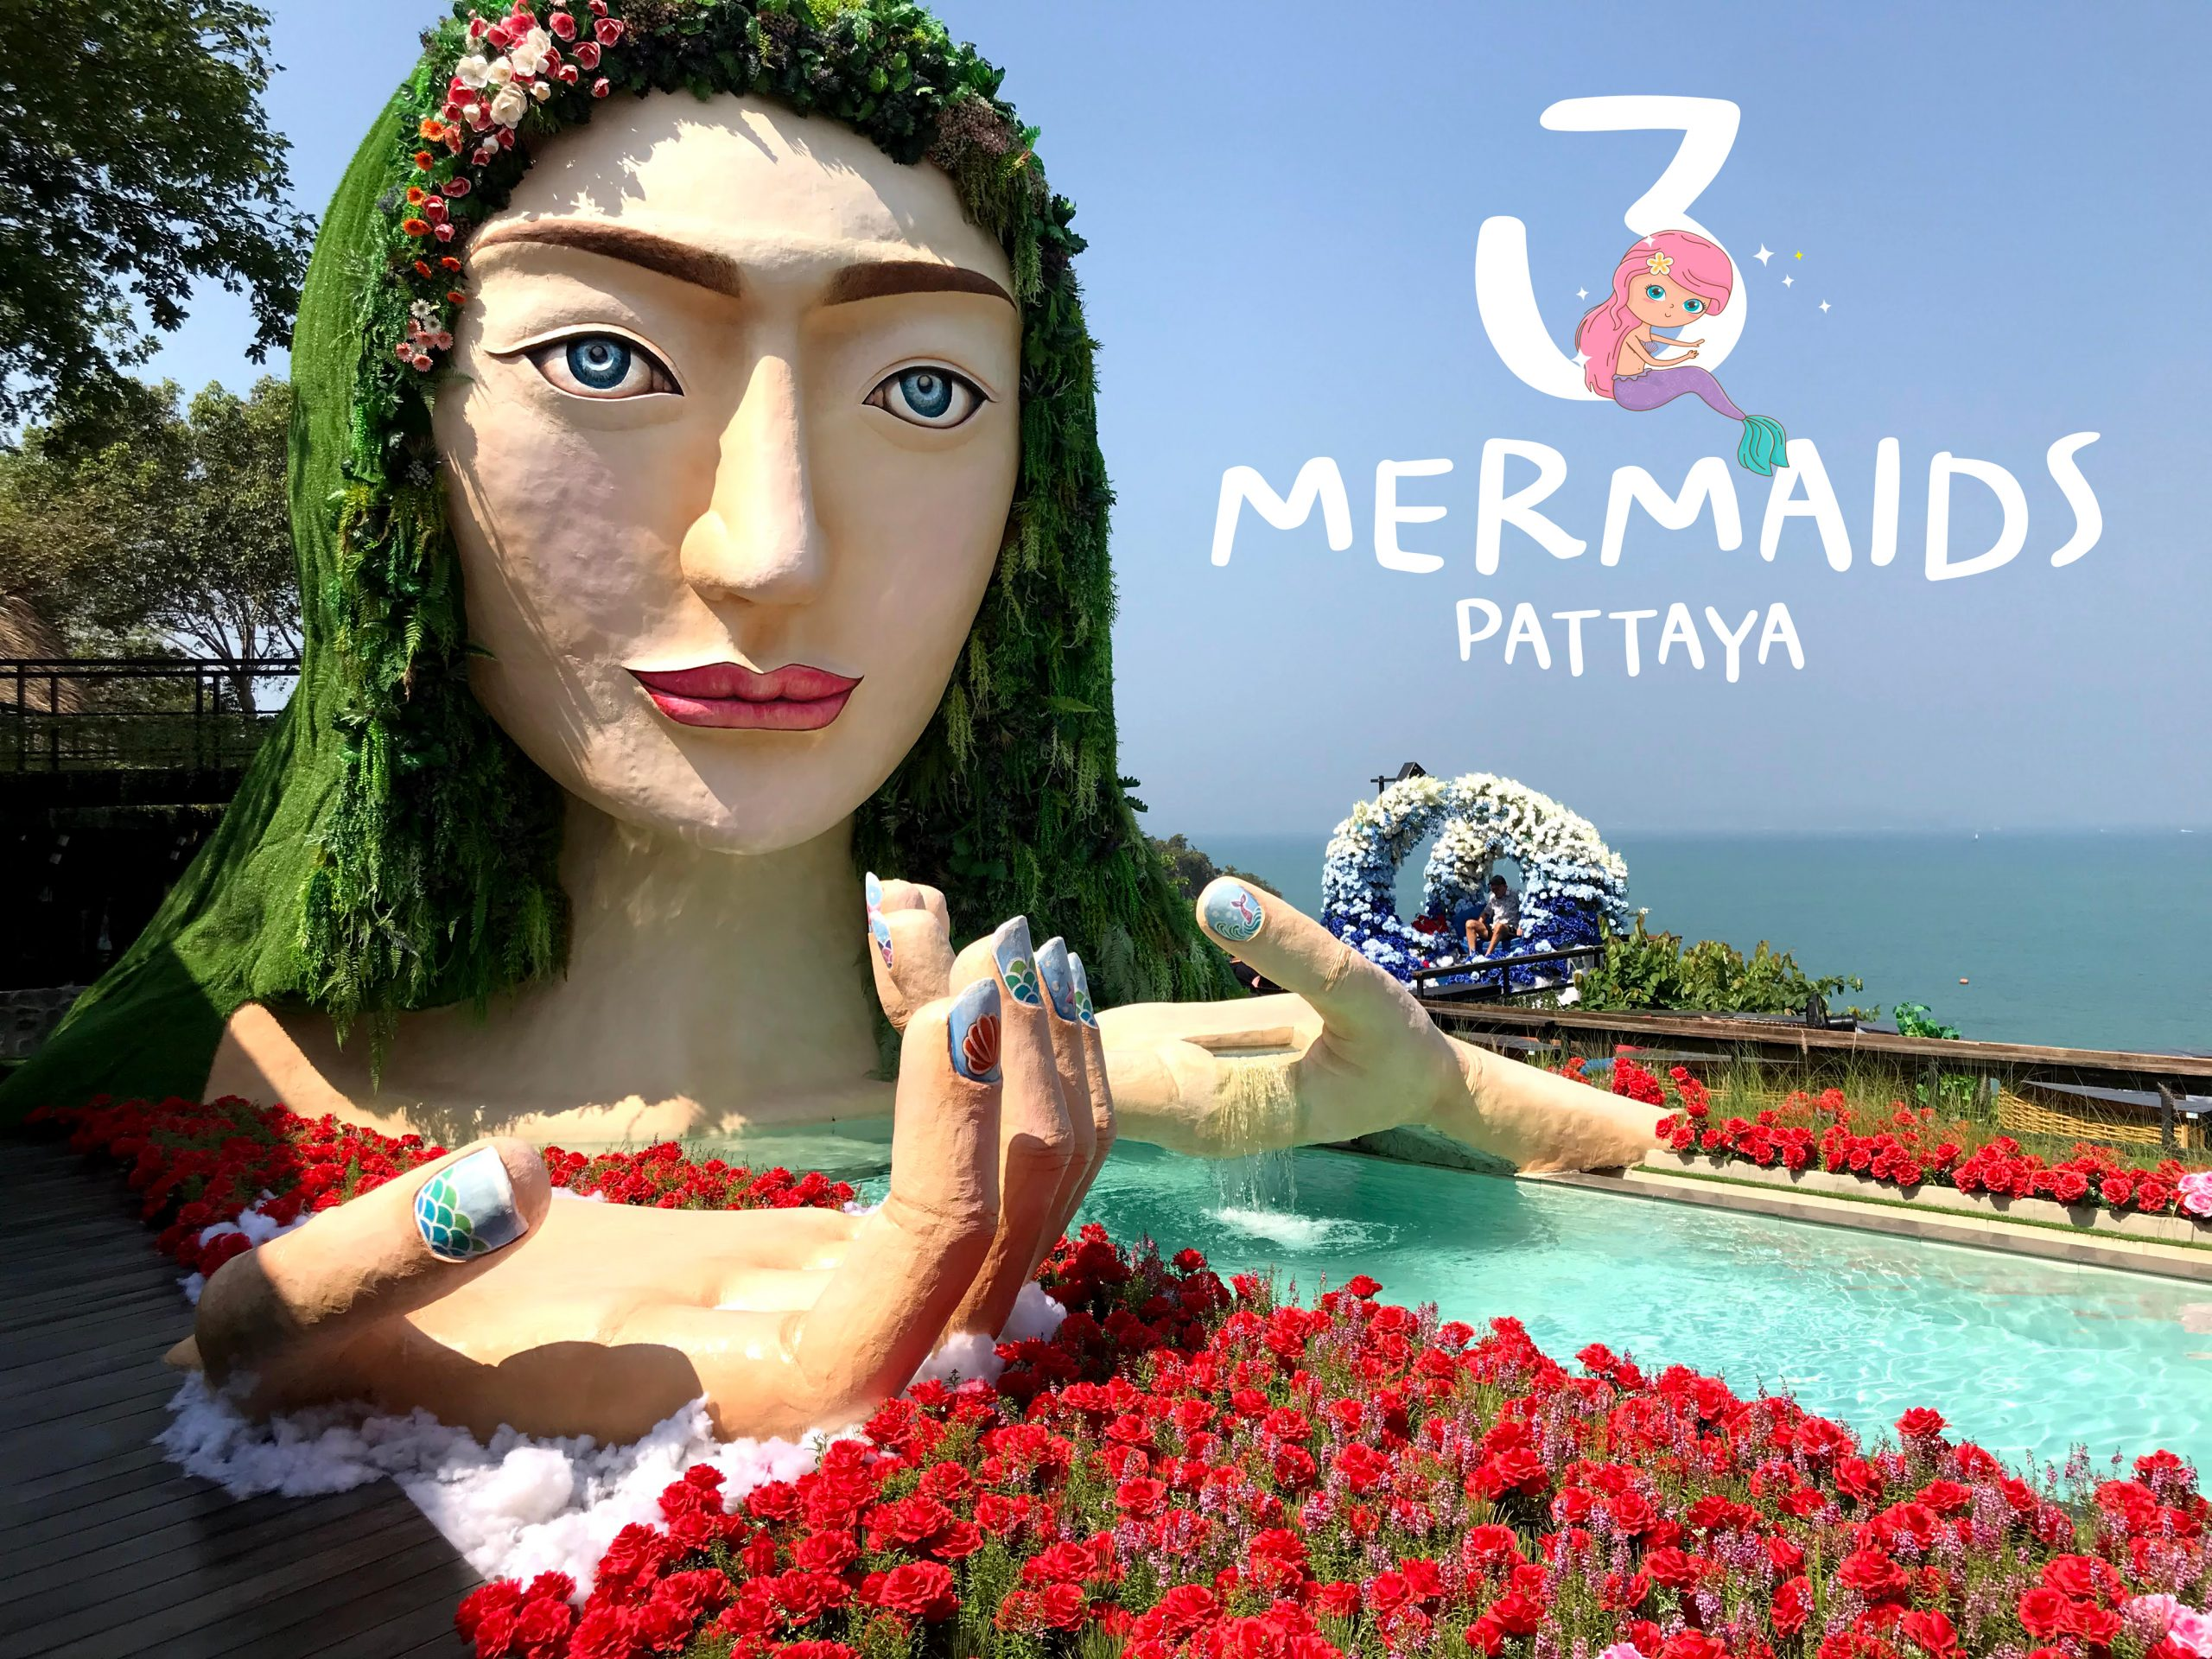 3 Mermaids คาเฟ่นางเงือก > Orbit Tours Thailand